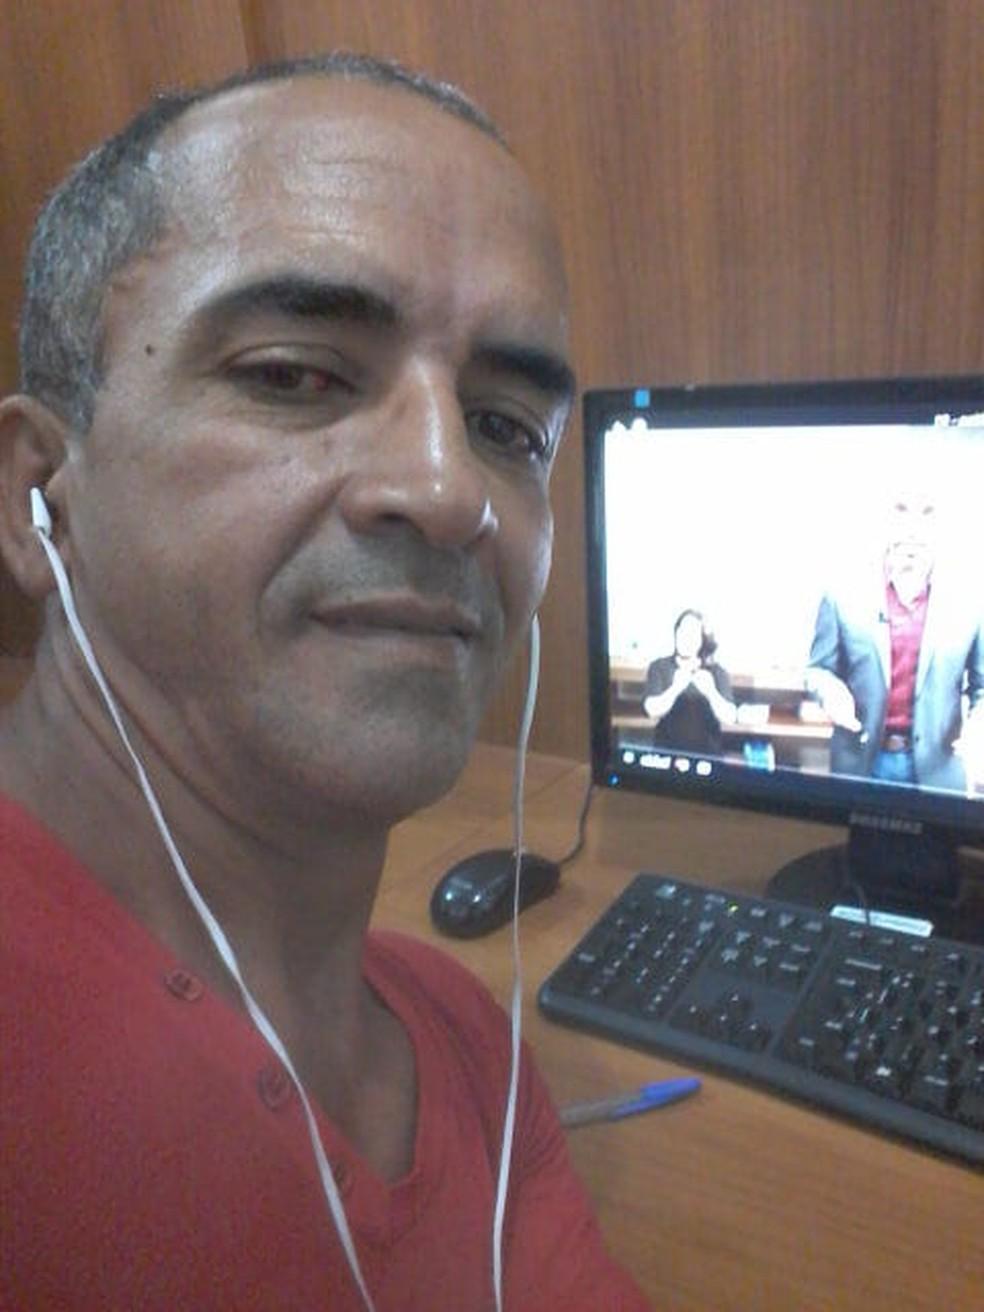 Olímpio Jesualdo Brito, de 54 anos, está desaparecido — Foto: Cleonice Santana da Silva/ Arquivo pessoal